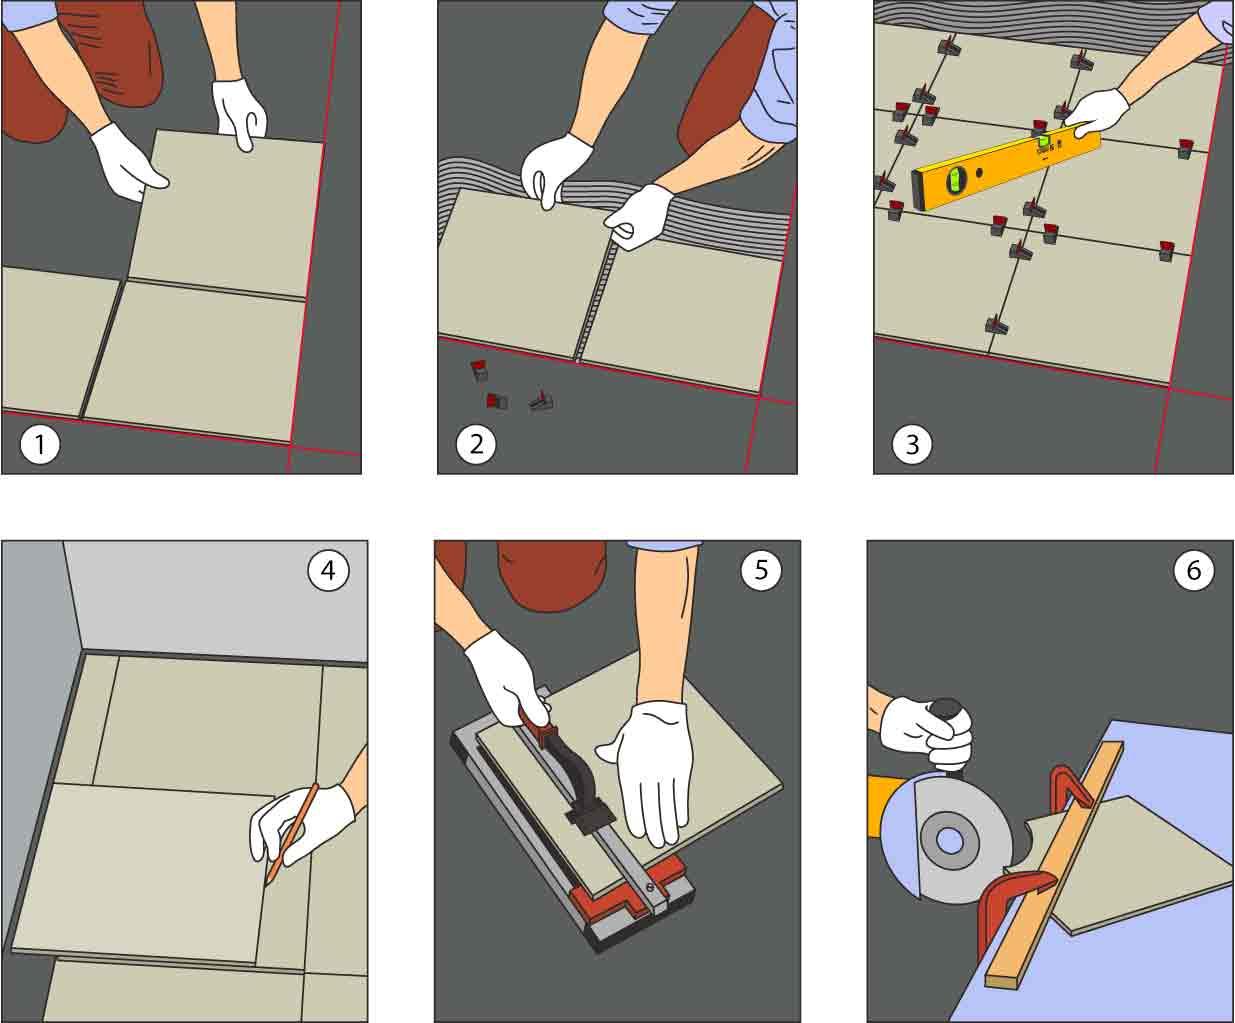 Укладка плитки без швов: рекомендации, советы специалистов